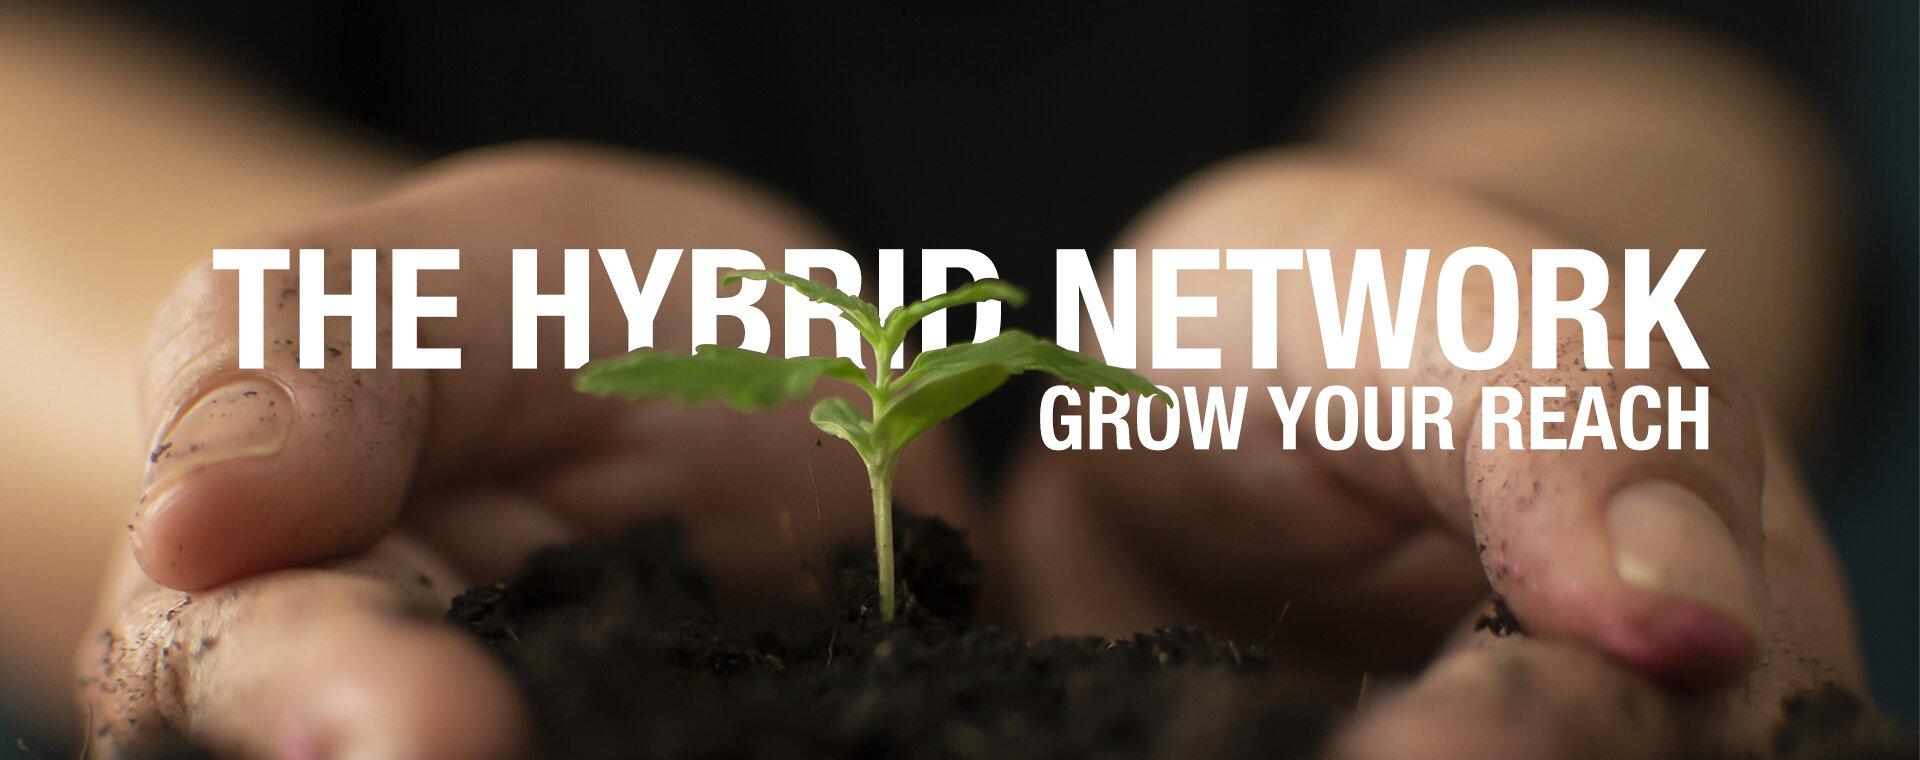 THE HYBRID NETWORK